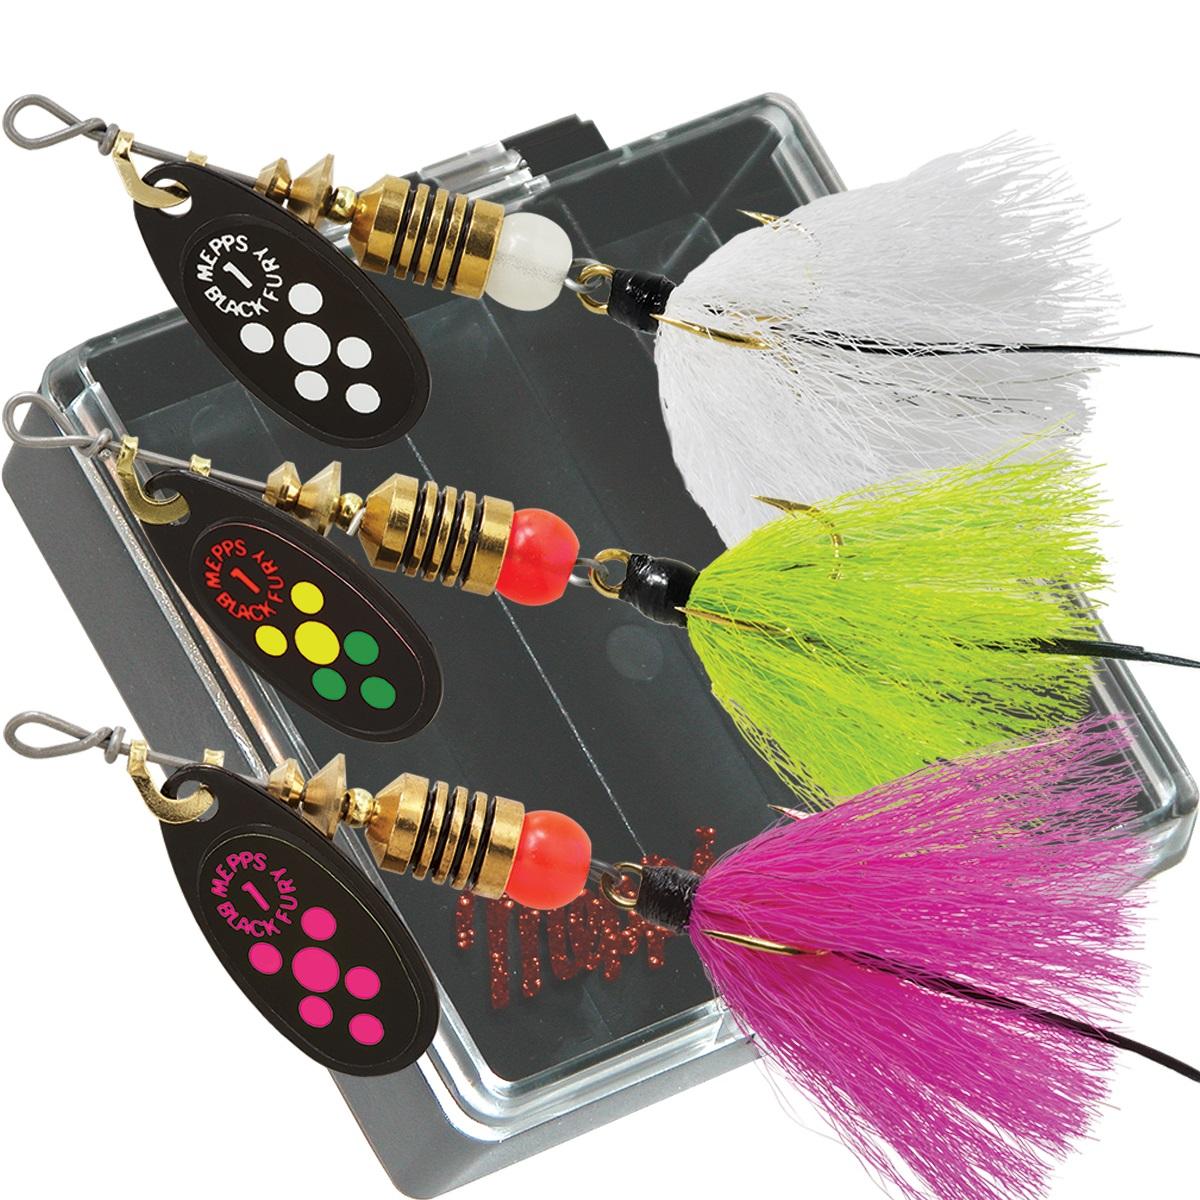 Mepps 500676 Basser Kit Dressed #3 Aglia Assortment